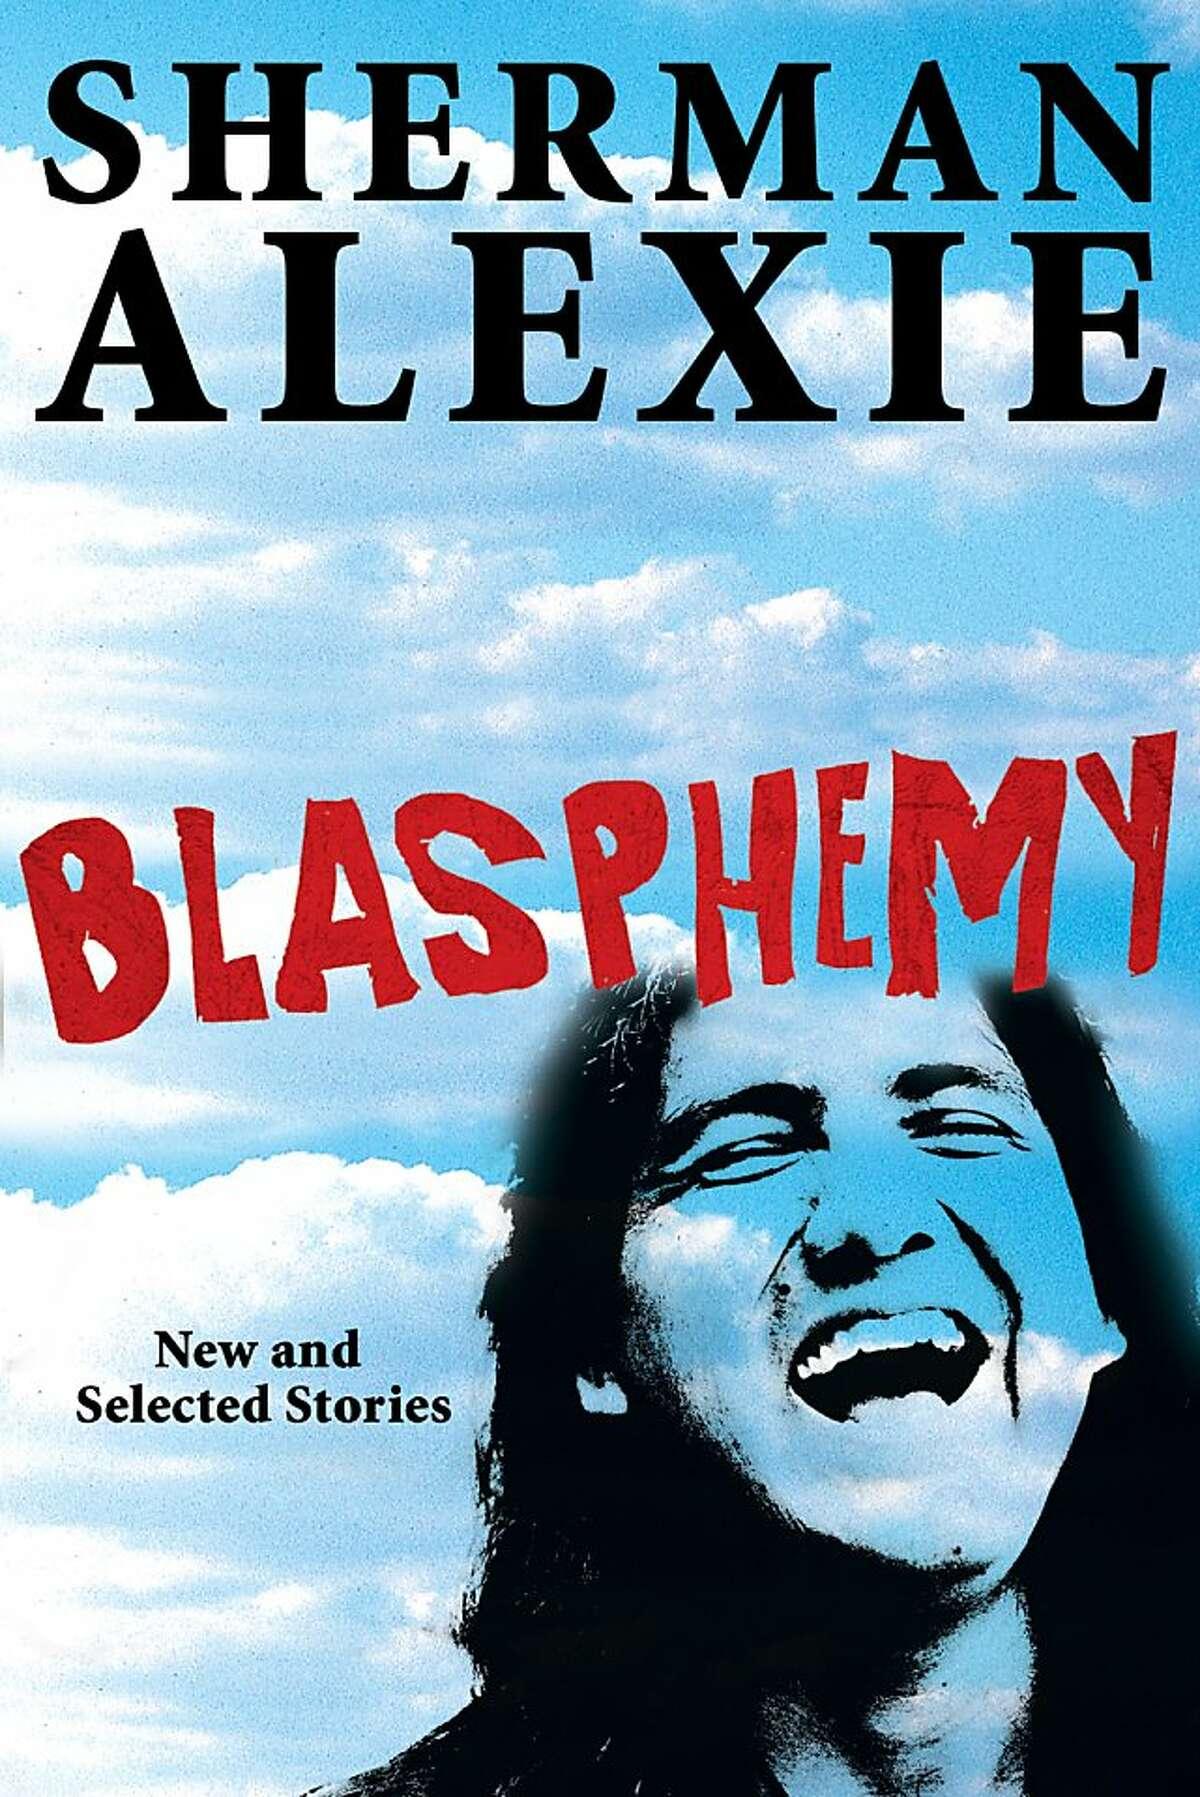 Blasphemy, by Sherman Alexie